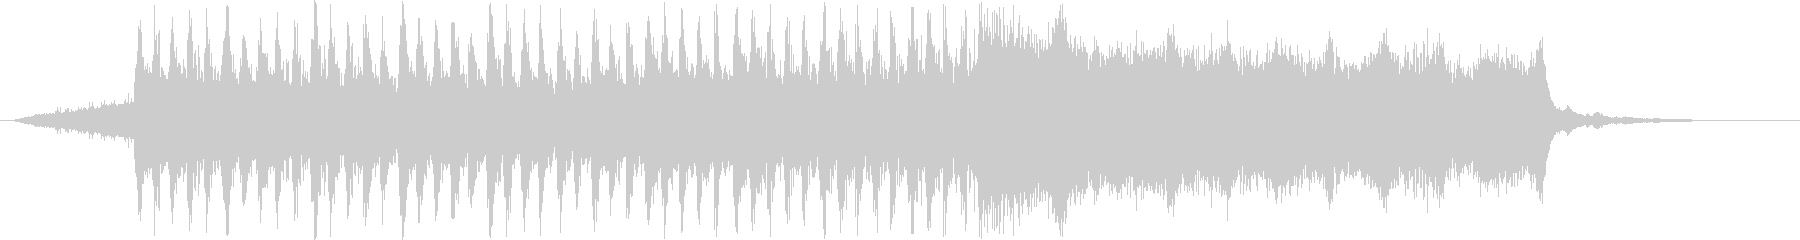 浮遊感、広がりのあるシンセサイザー音の未再生の波形